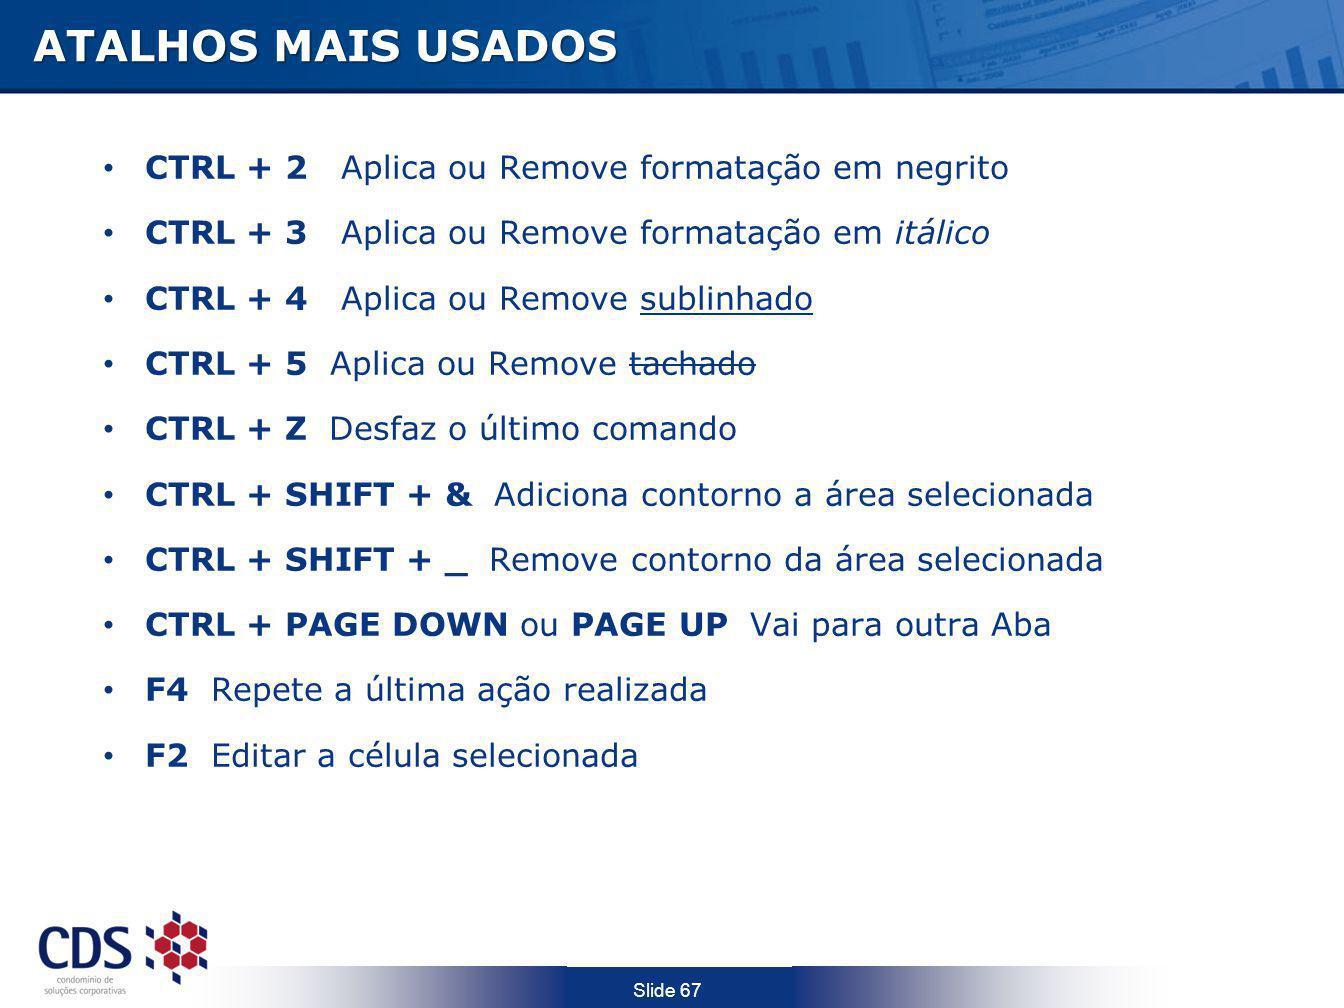 Slide 67 ATALHOS MAIS USADOS CTRL + 2 Aplica ou Remove formatação em negrito CTRL + 3 Aplica ou Remove formatação em itálico CTRL + 4 Aplica ou Remove